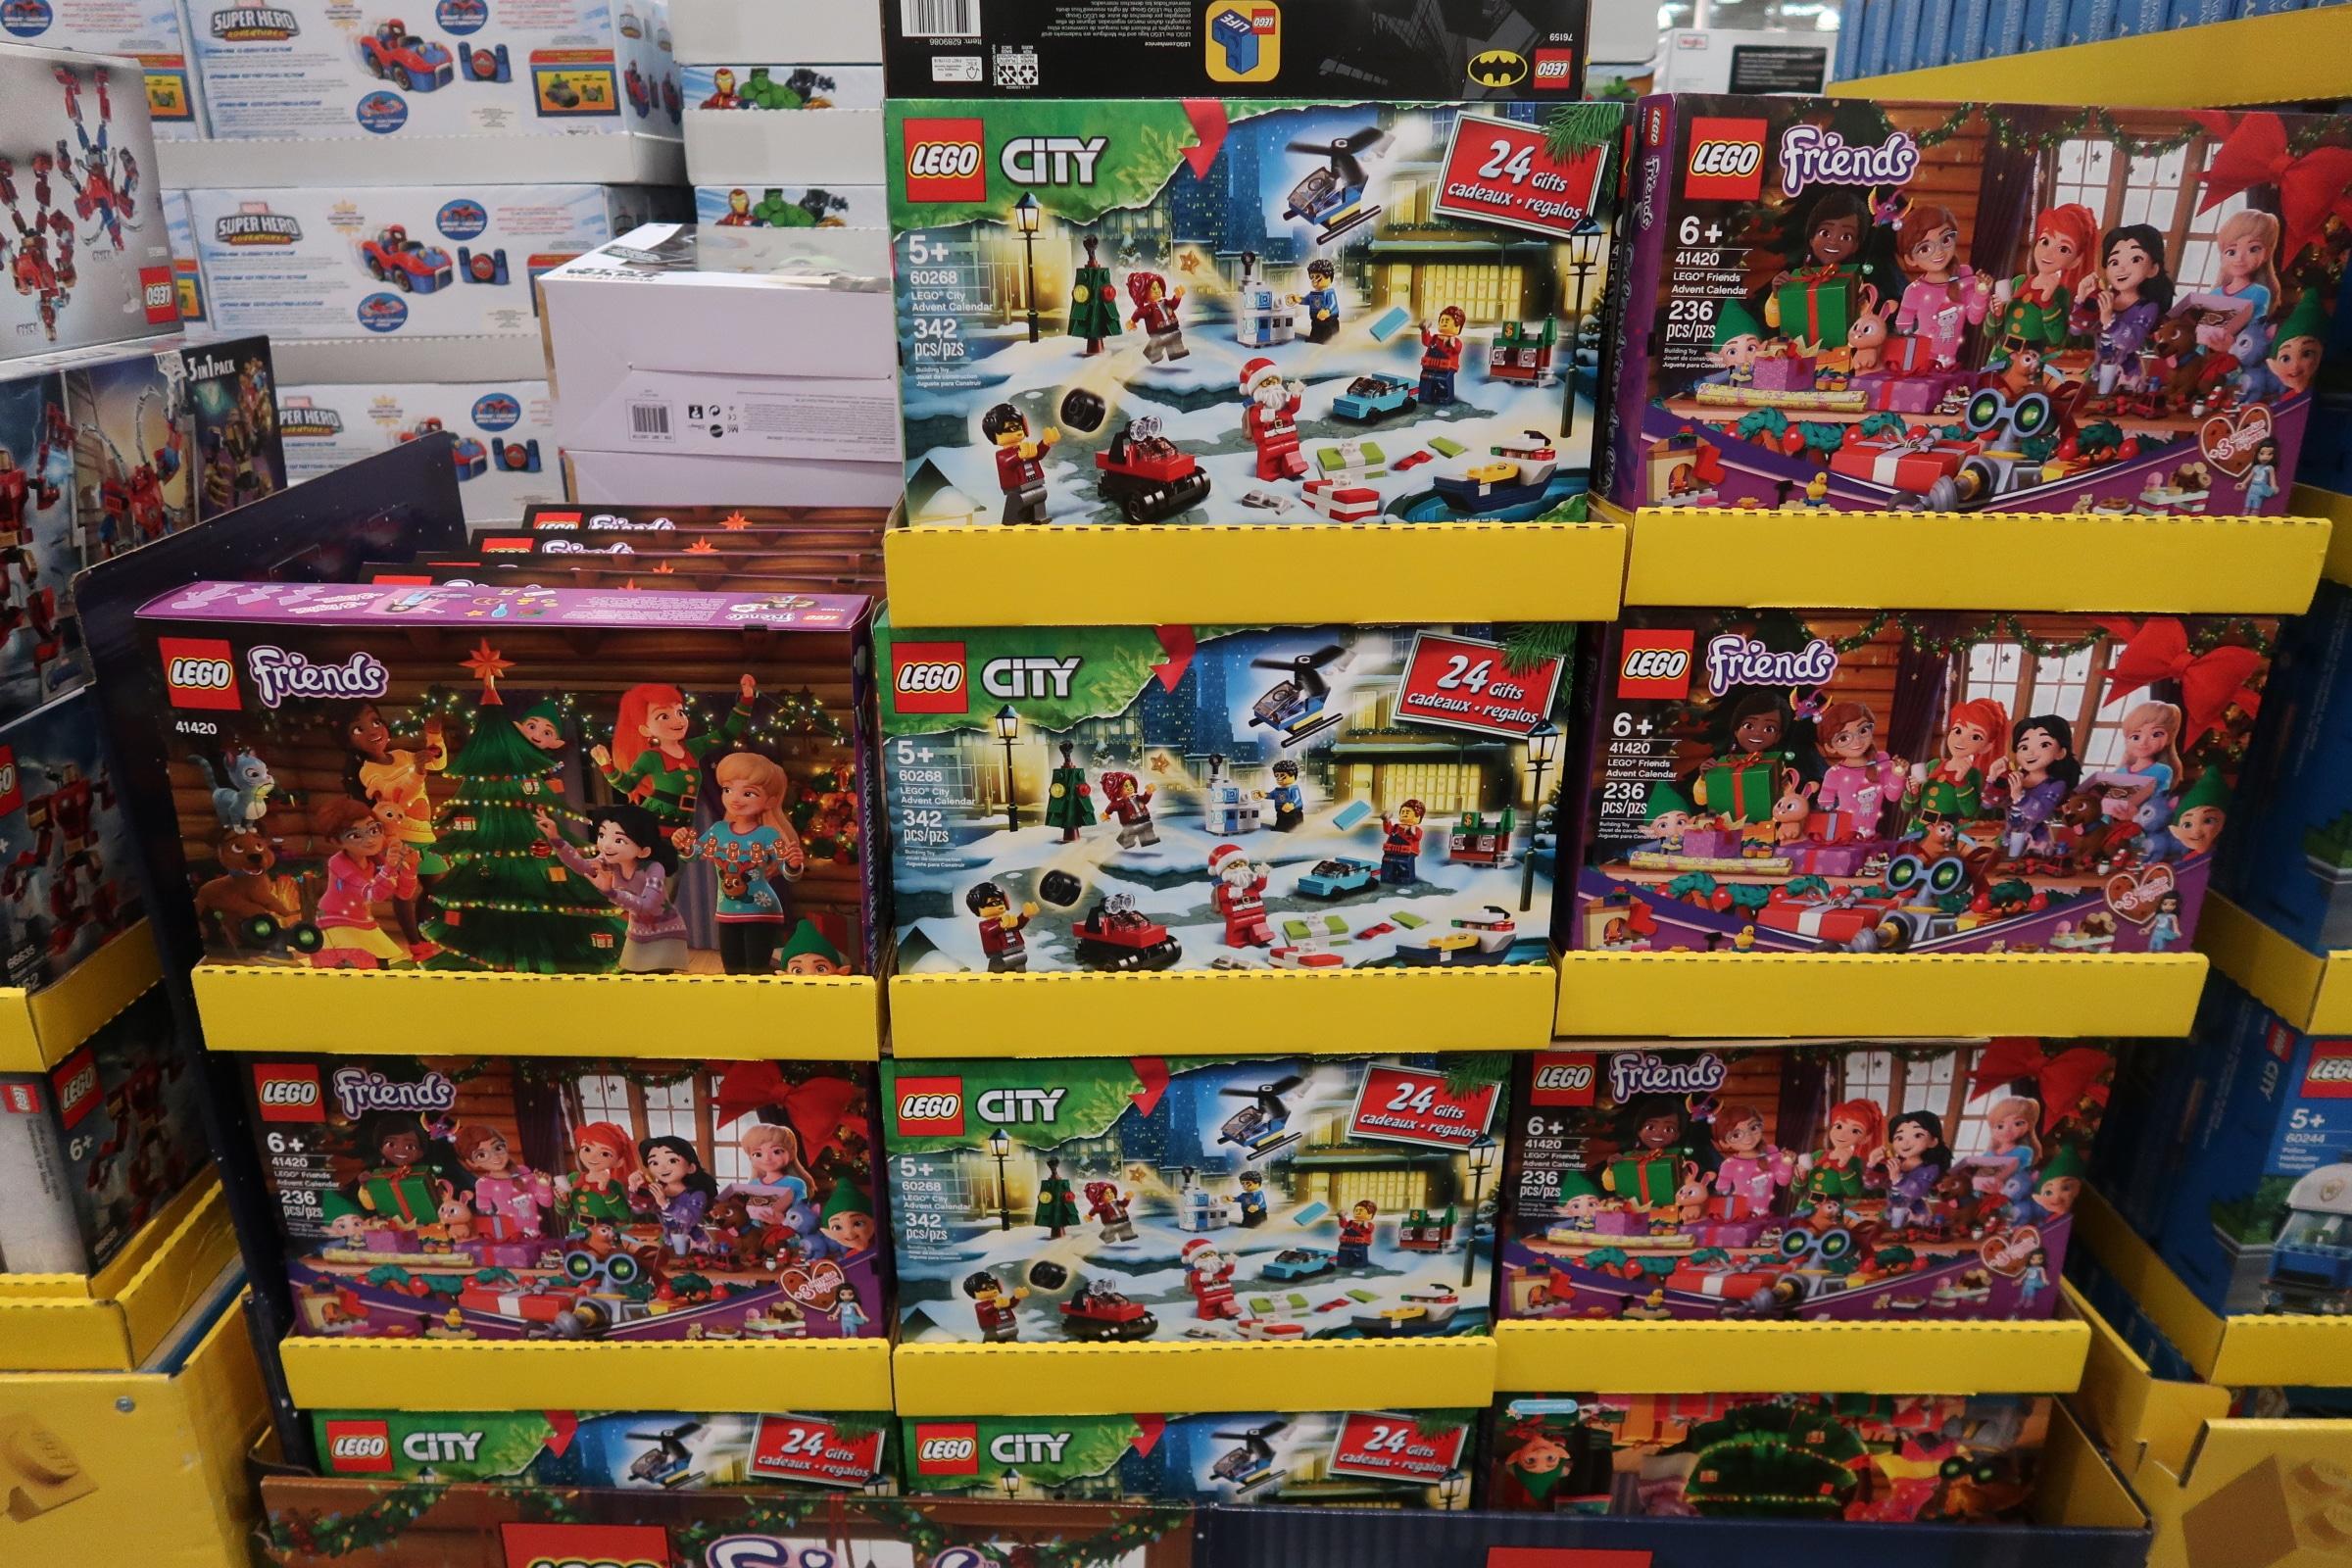 Lego Sets & Lego Advent Calendar Deals at Costco